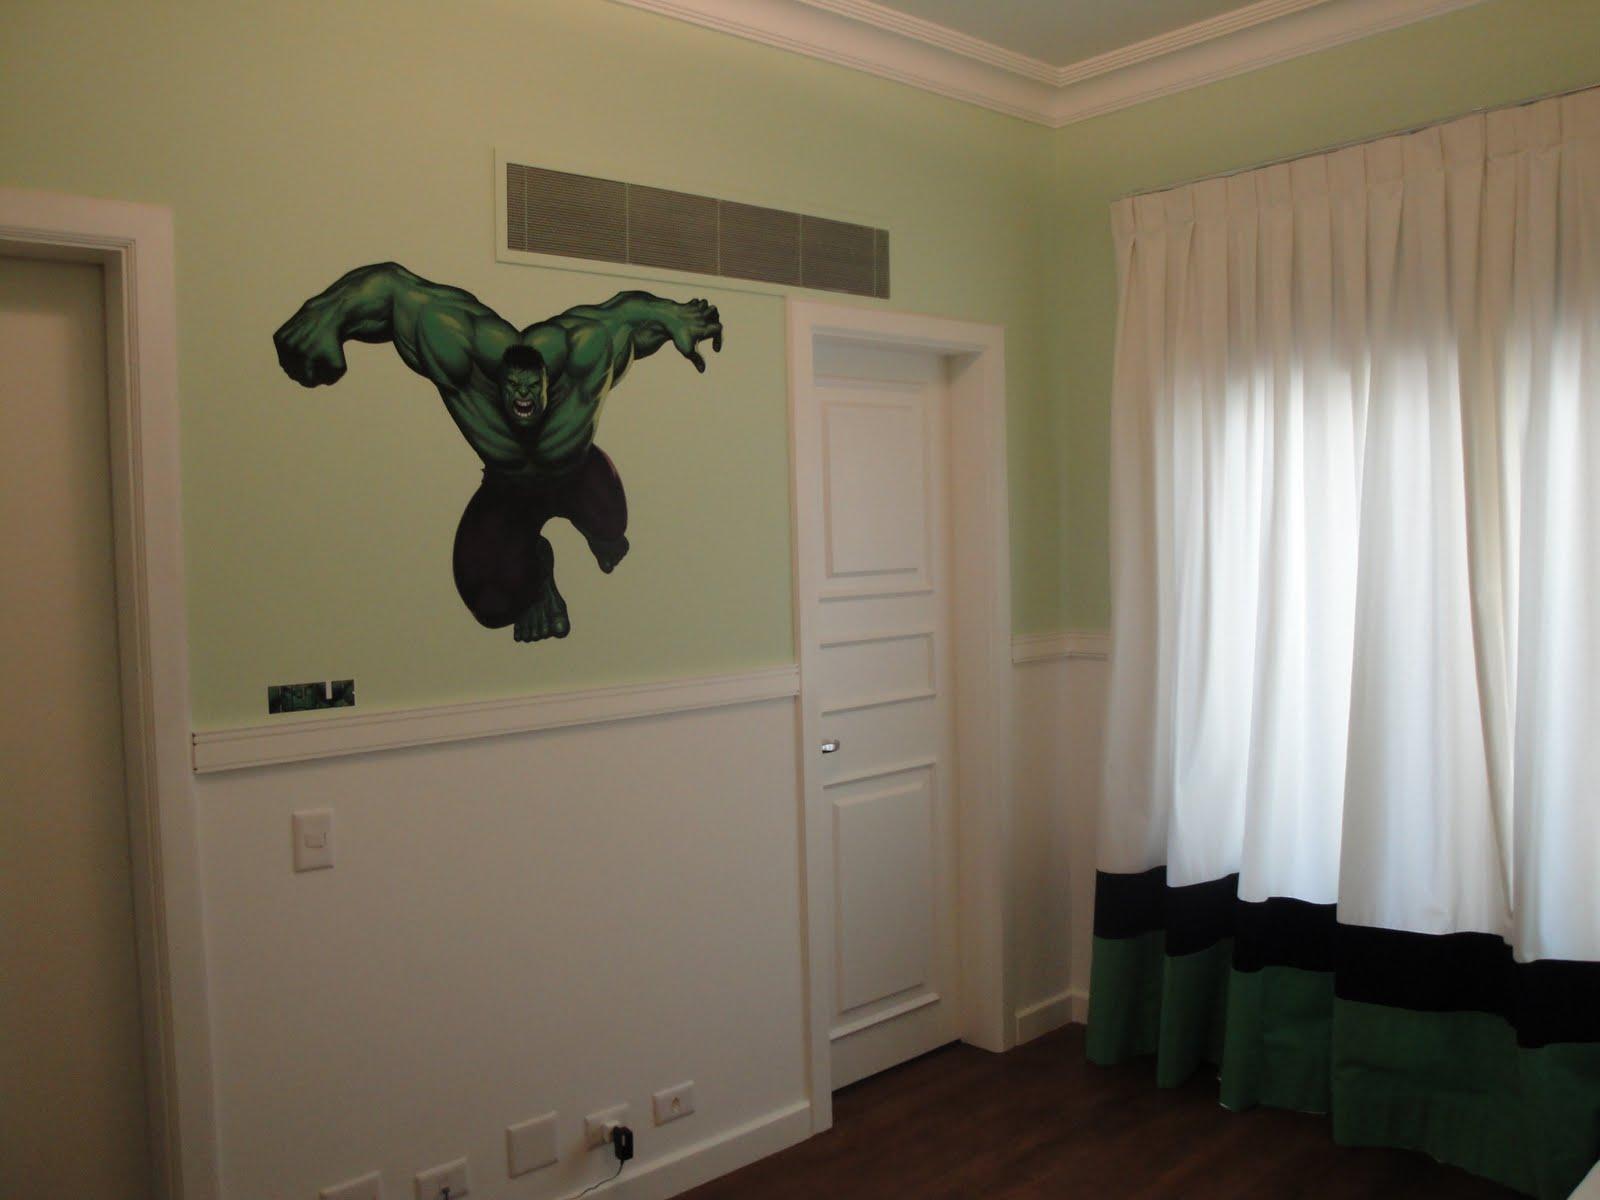 3K Arquitetura e Interiores Quarto Hulk ~ Papel De Parede Para Quarto Do Hulk